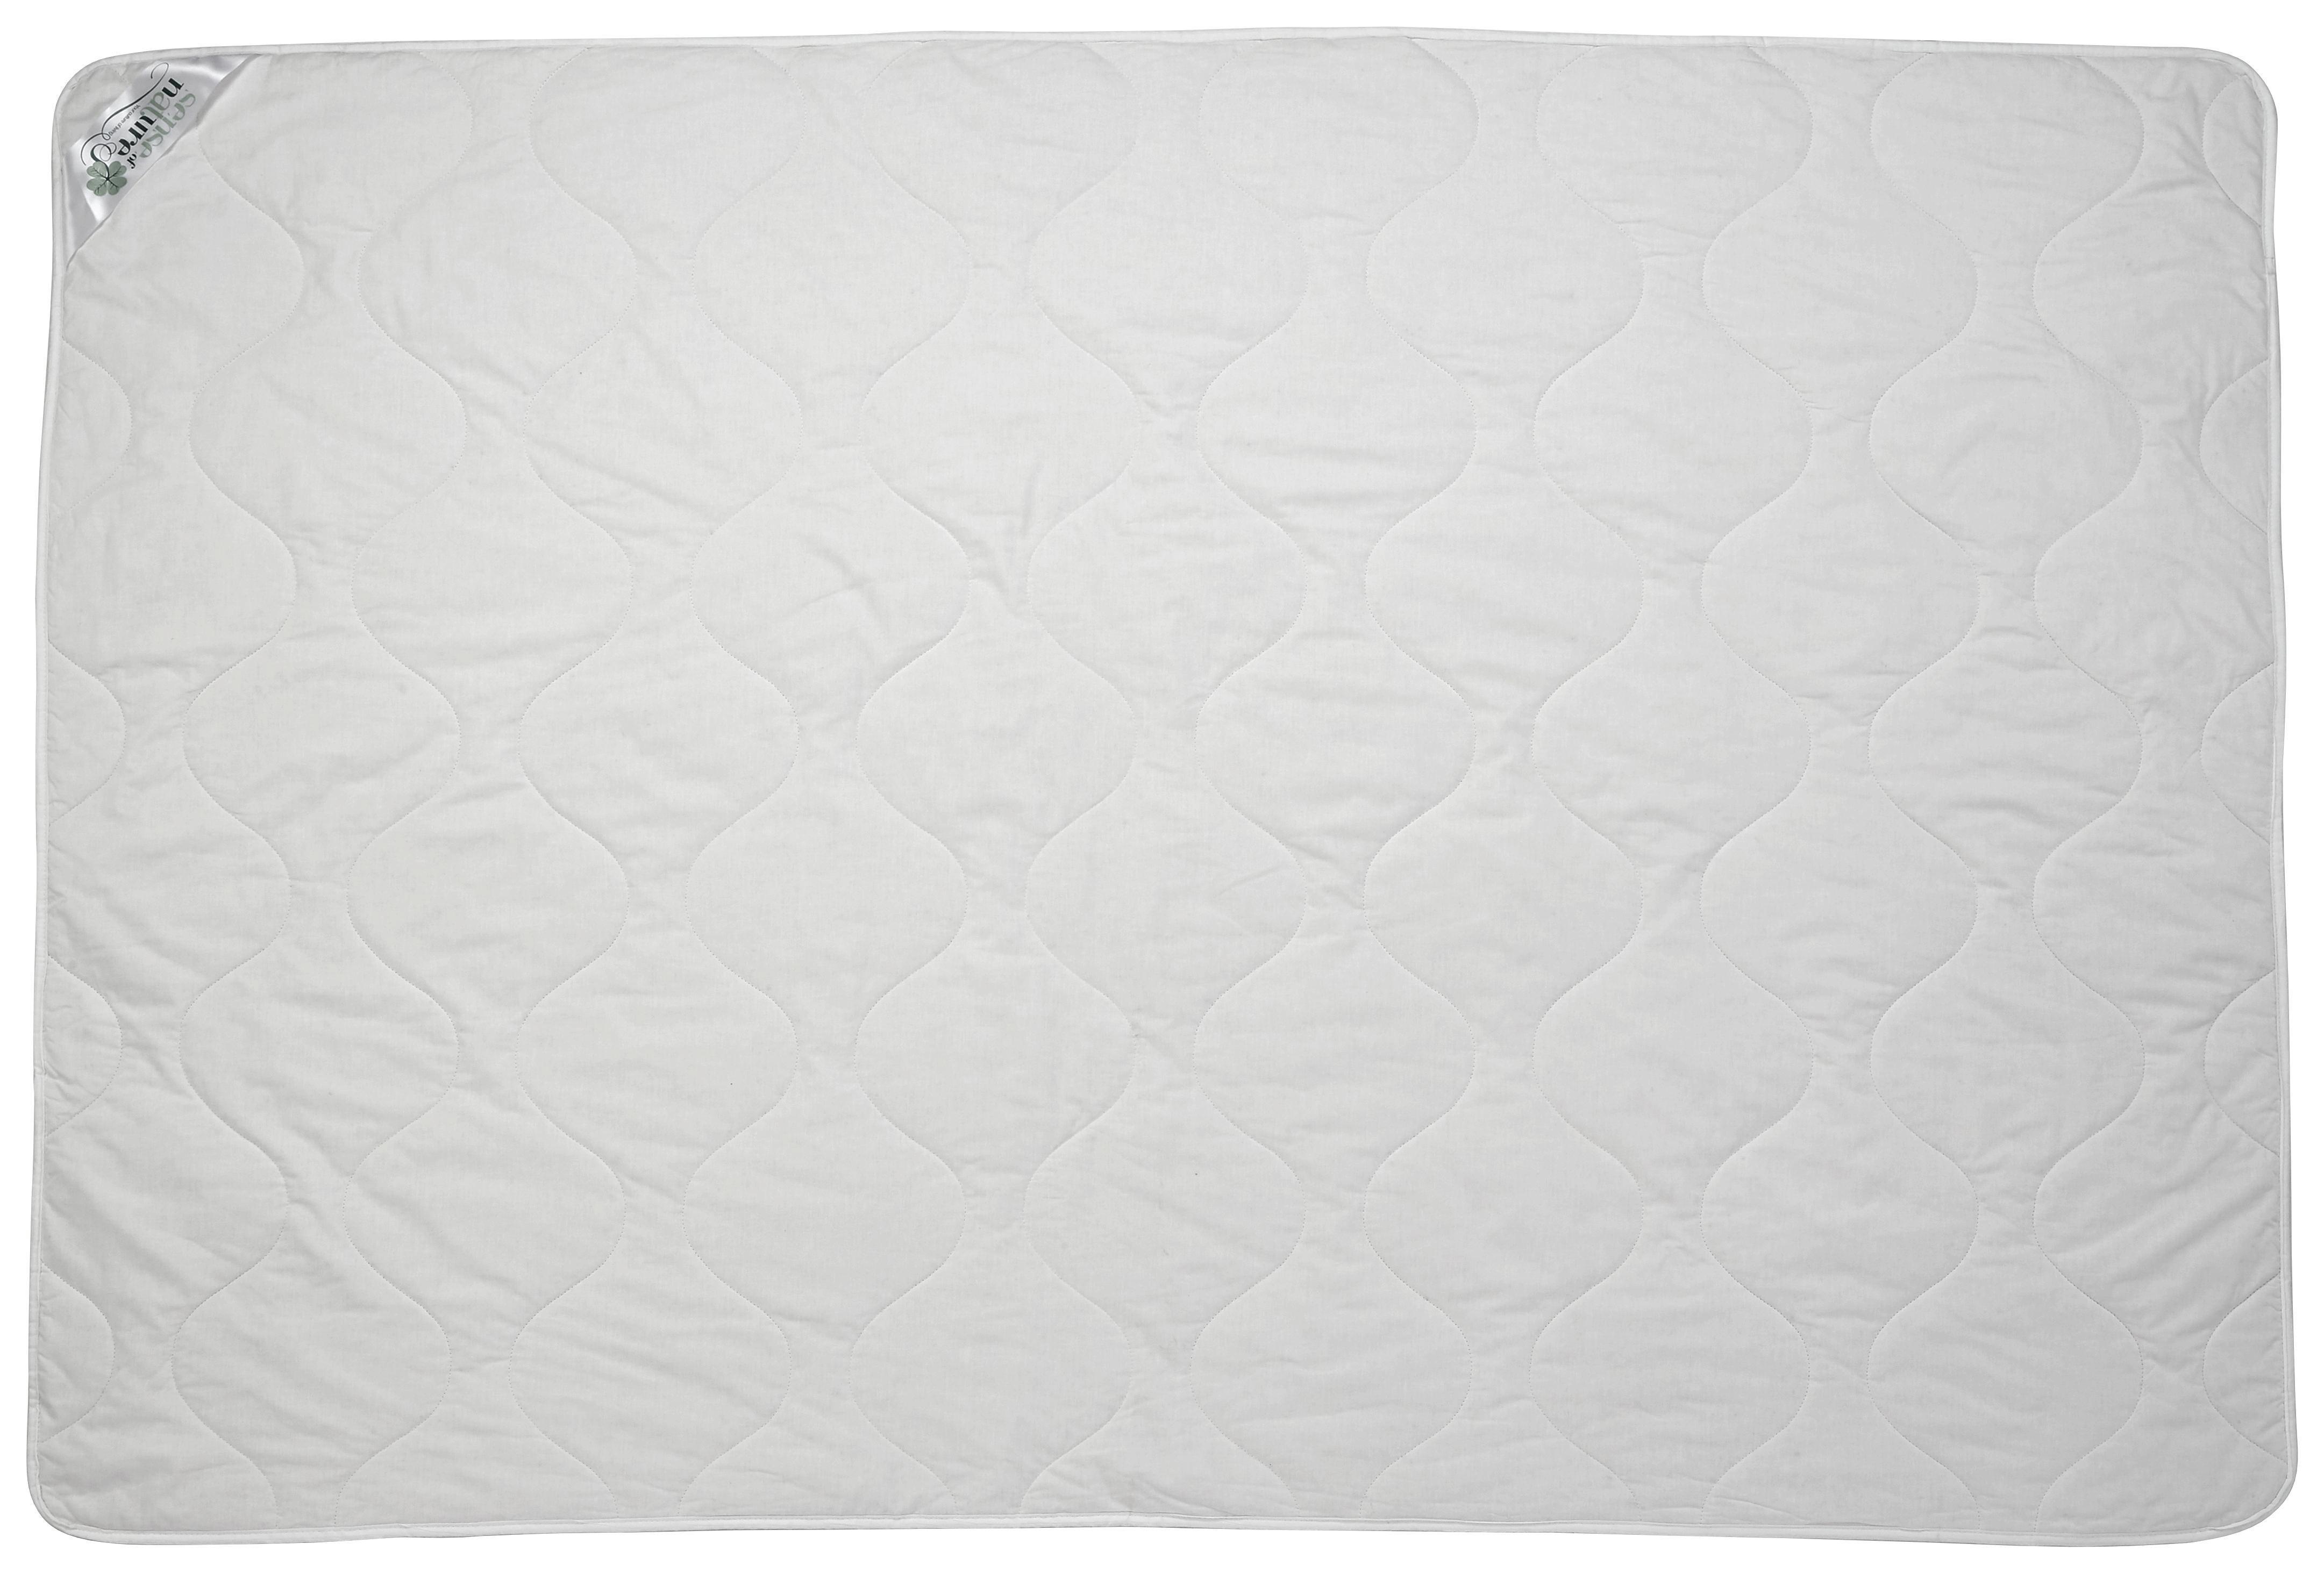 Einziehdecke Bio Baumwolle - Weiß, KONVENTIONELL, Textil (140/200cm)